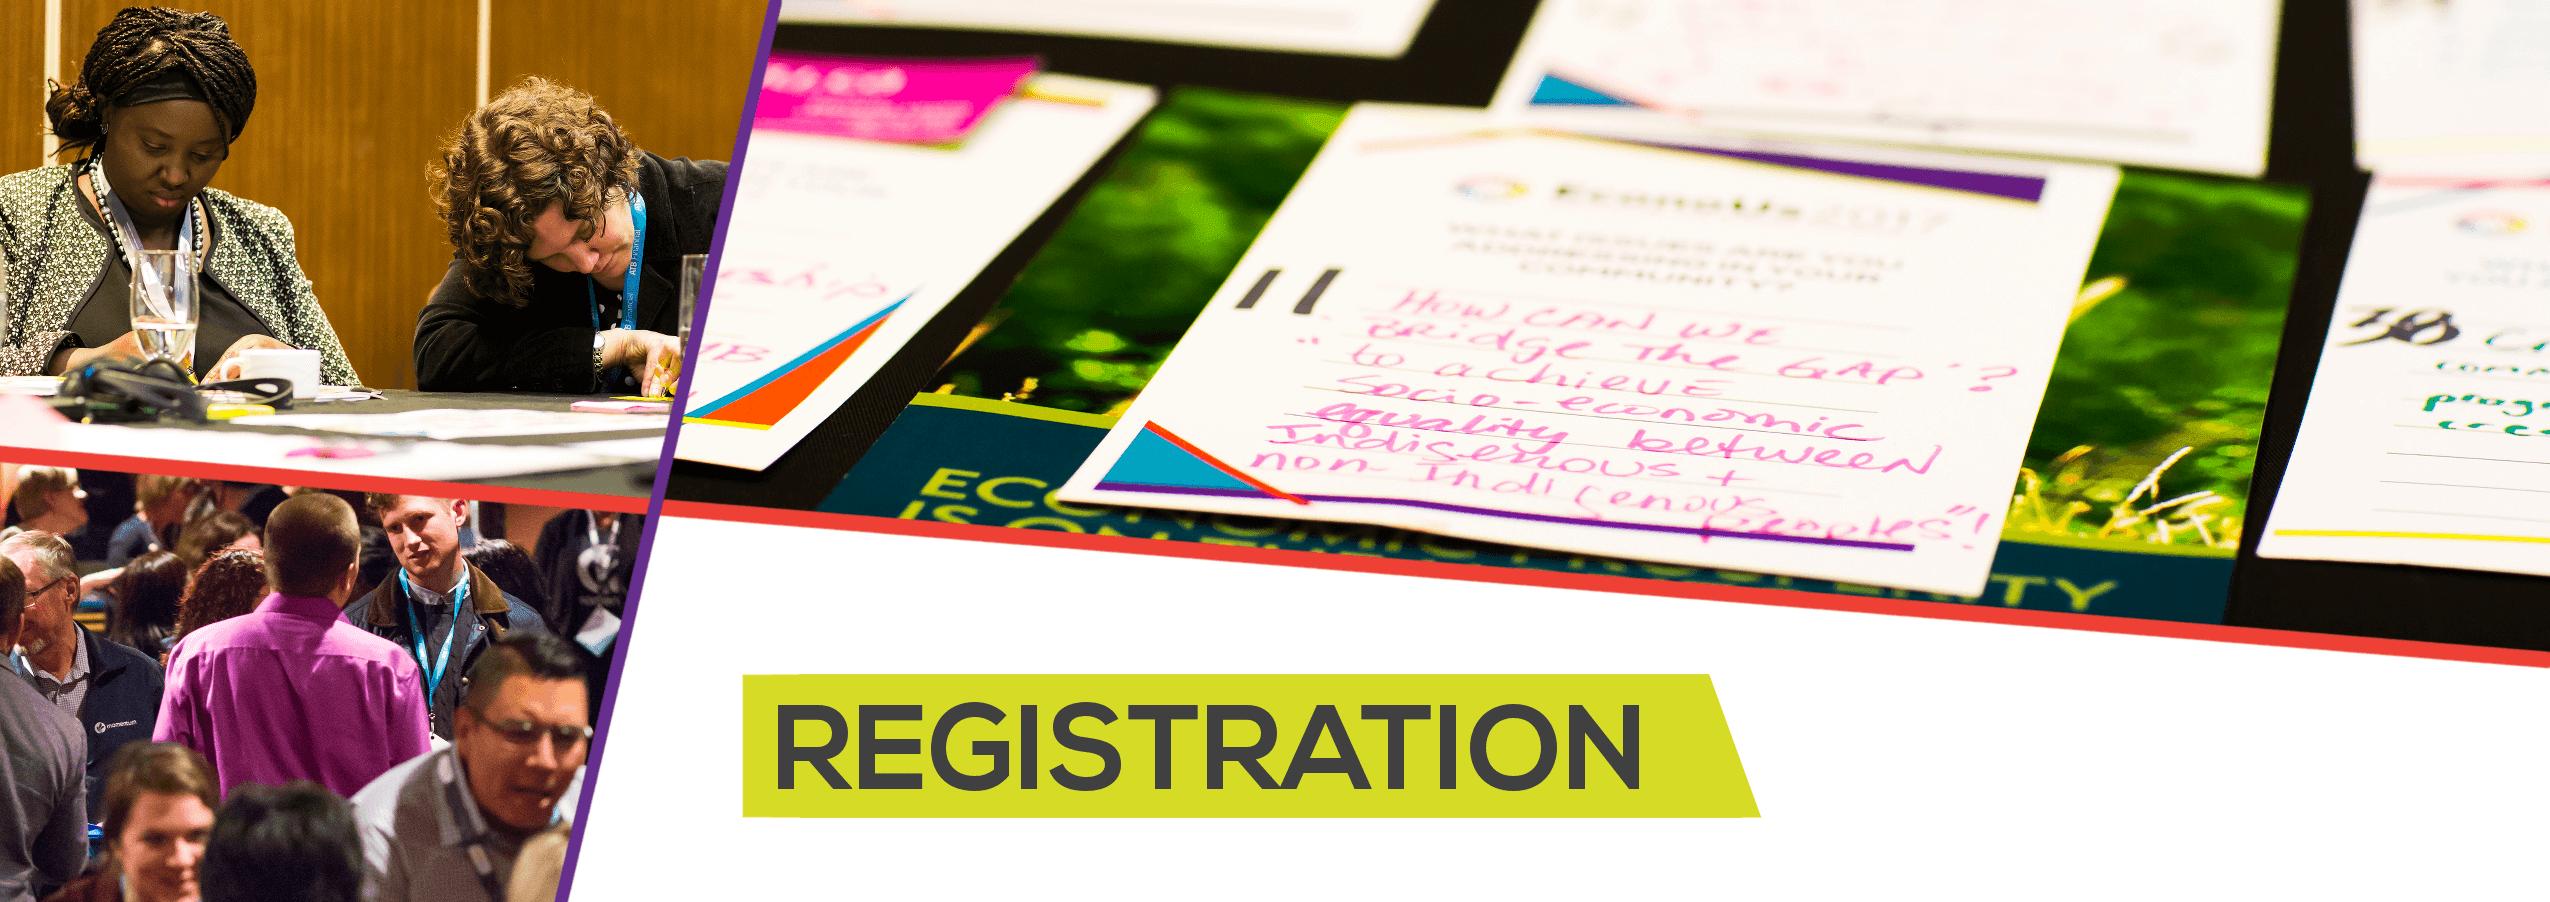 EconoUs2017 Registration